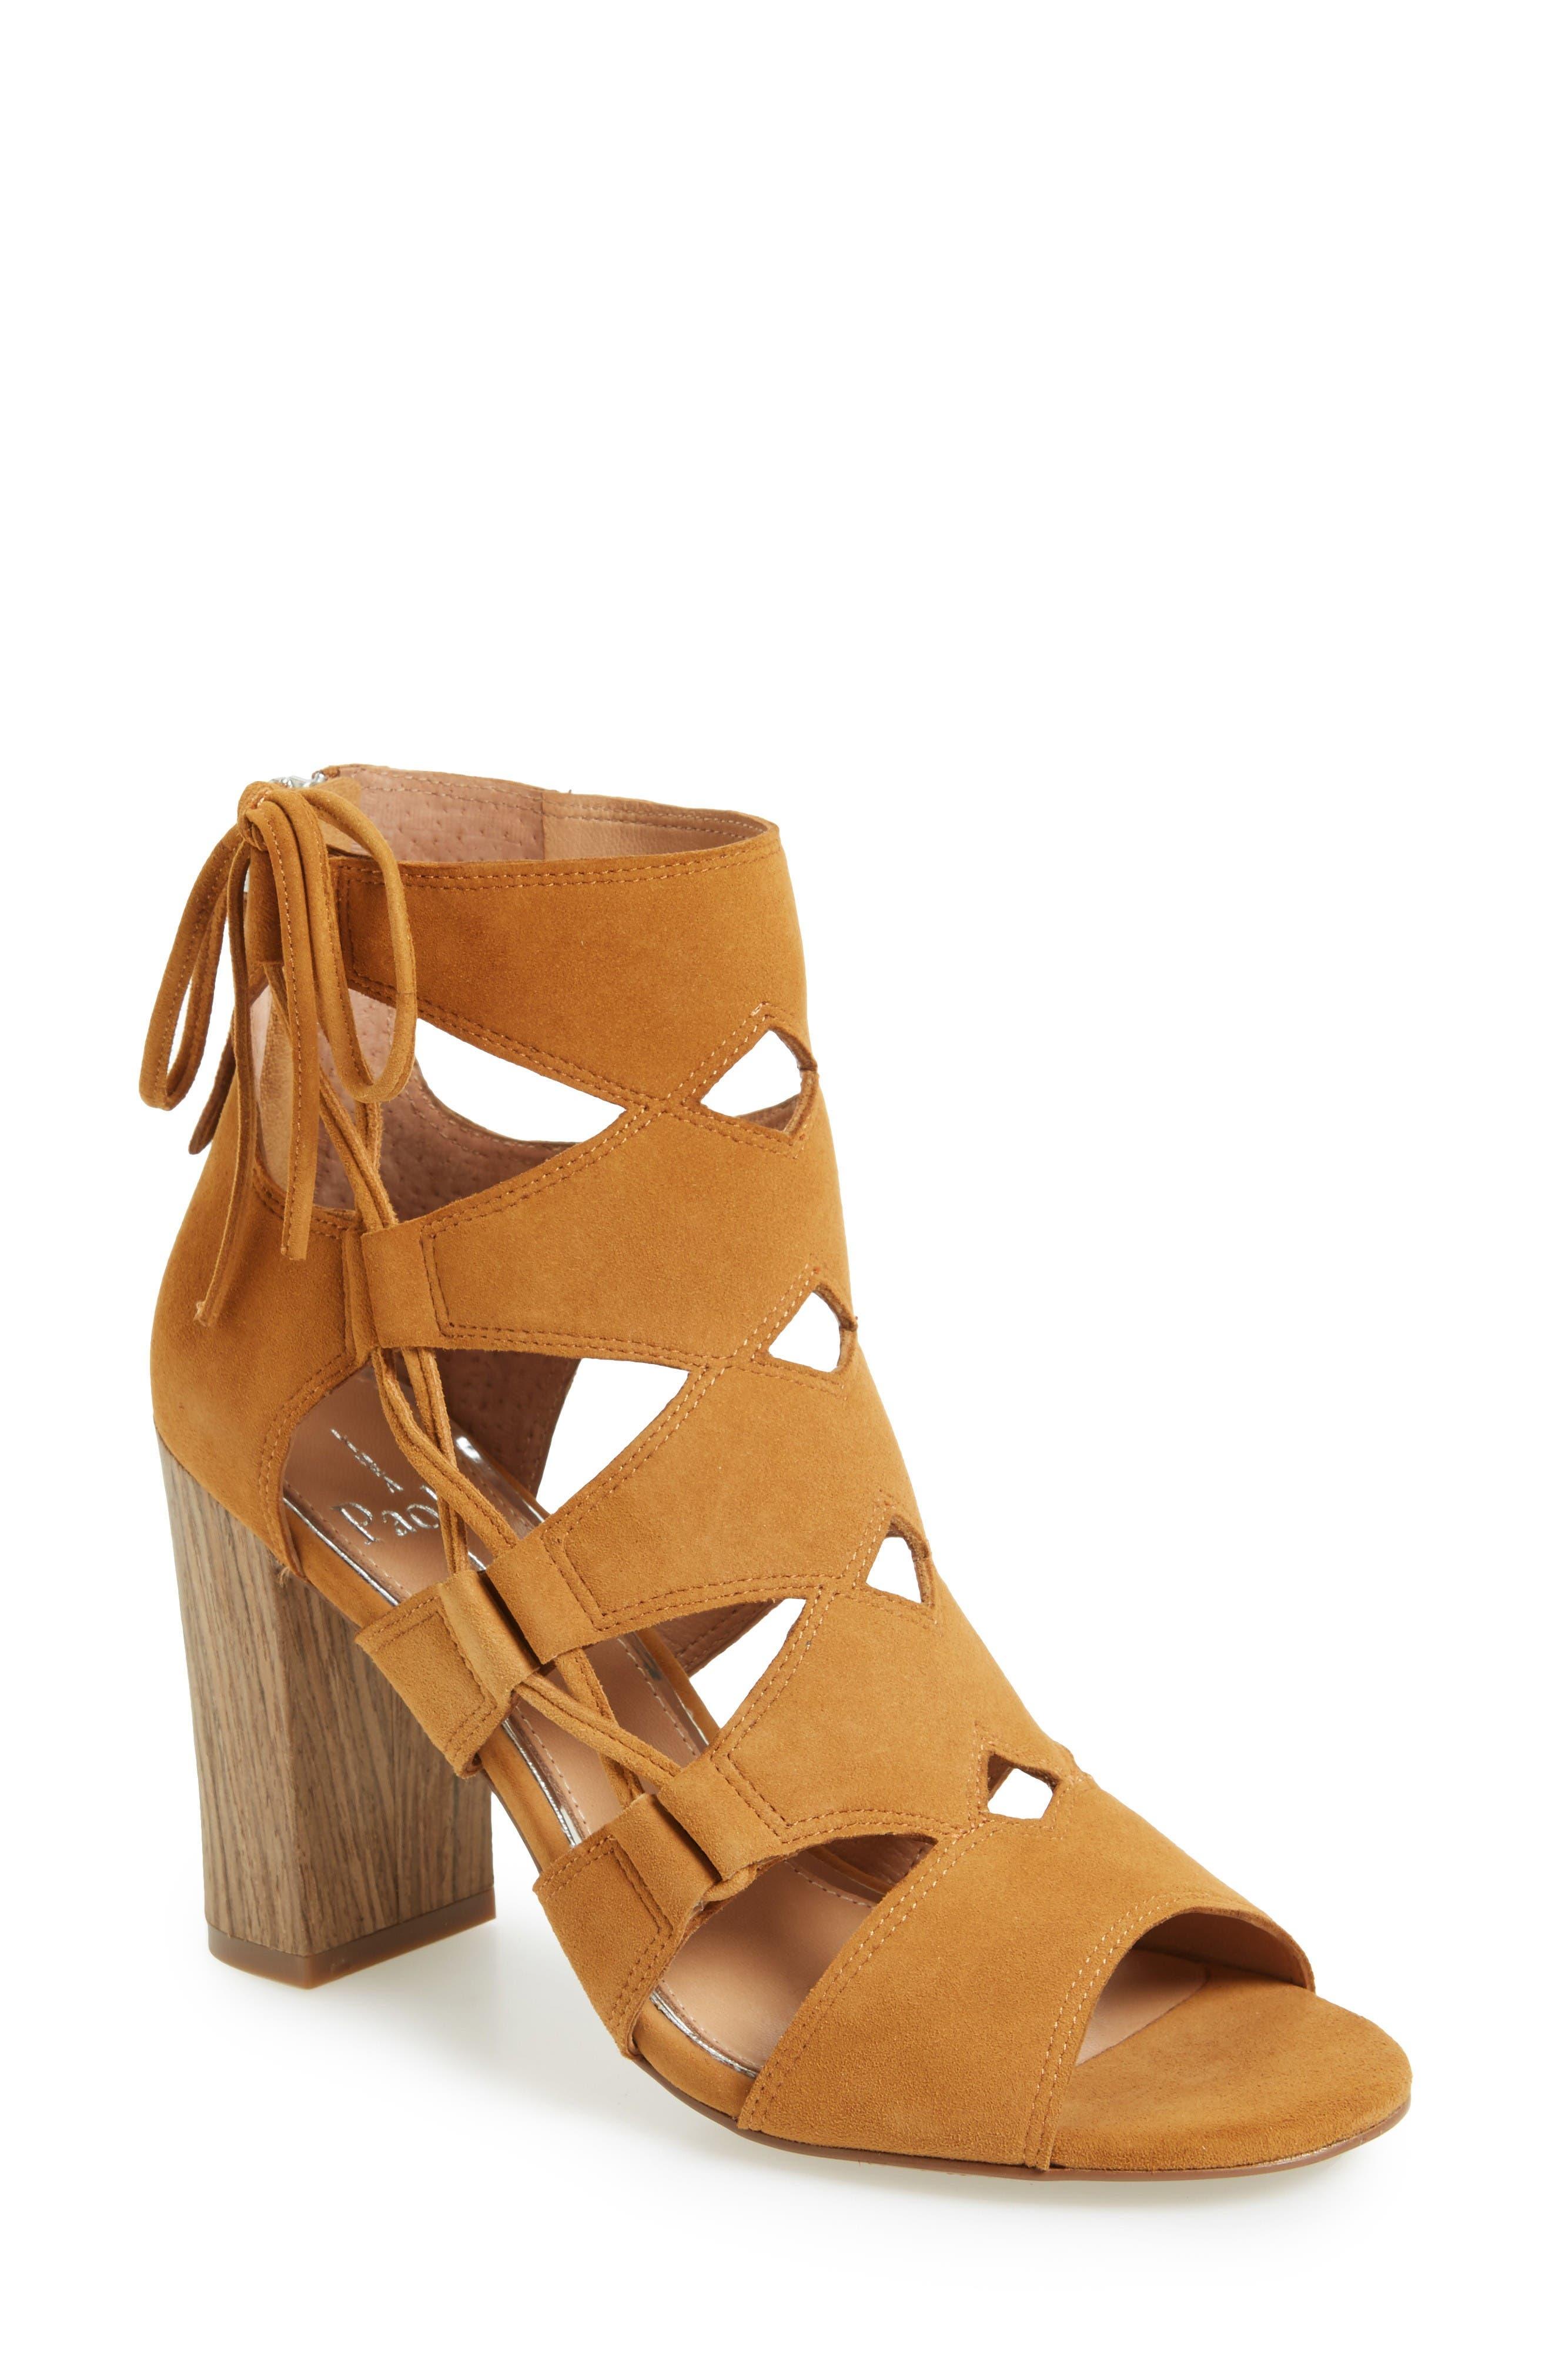 Hawley Cutout Sandal,                         Main,                         color, Cognac Suede